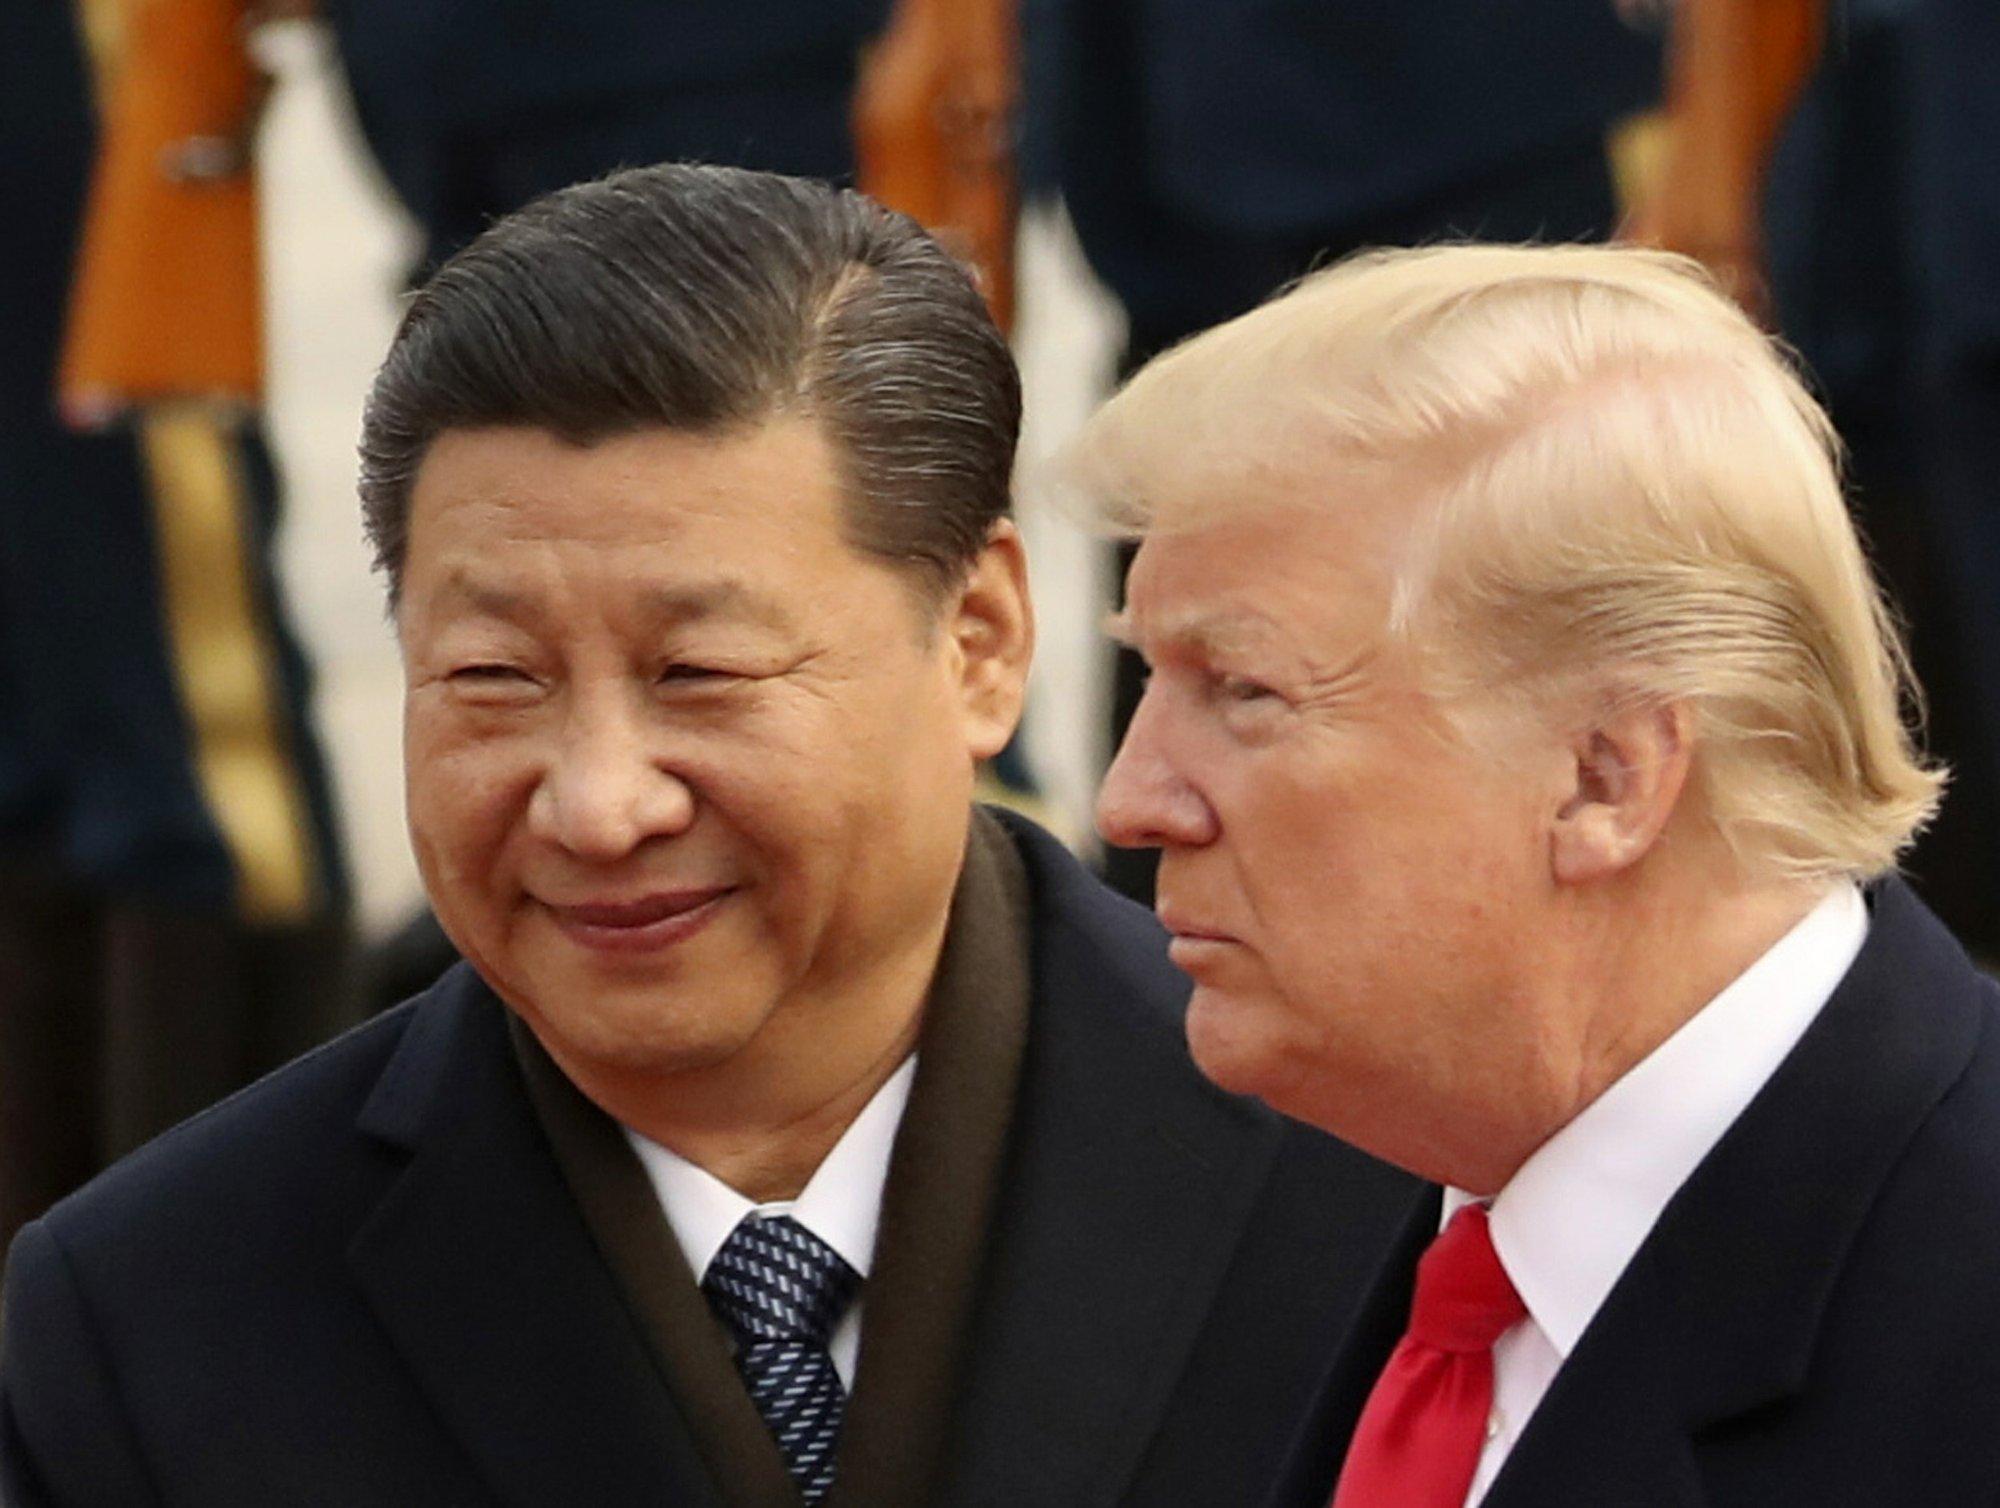 Possible, un accord commercial entre le président chinois Xi jinping et son homologue américain Donald Trump reste improbable à cause de la rivalité technologique entre les deux puissances. (Source : AP News)